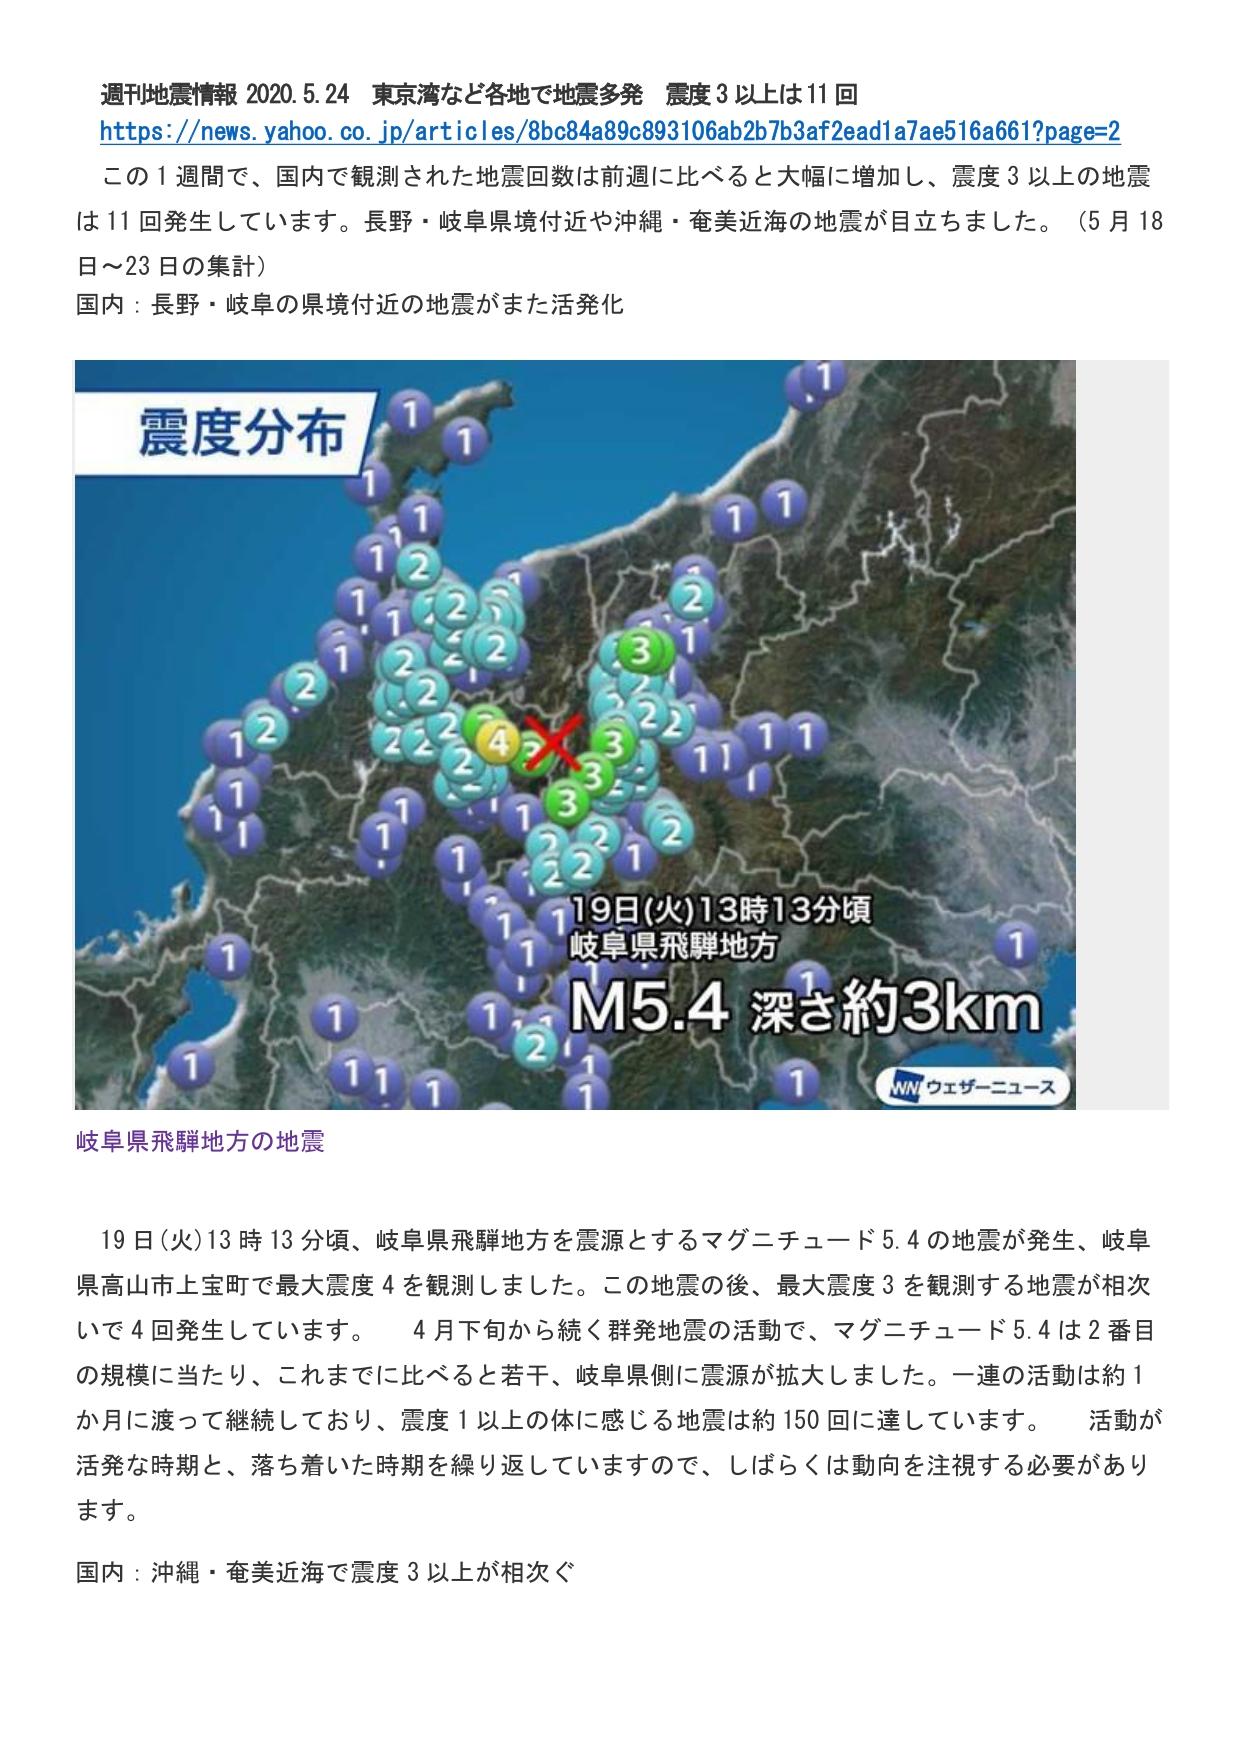 5月25日掲載 国内地震 長野岐阜